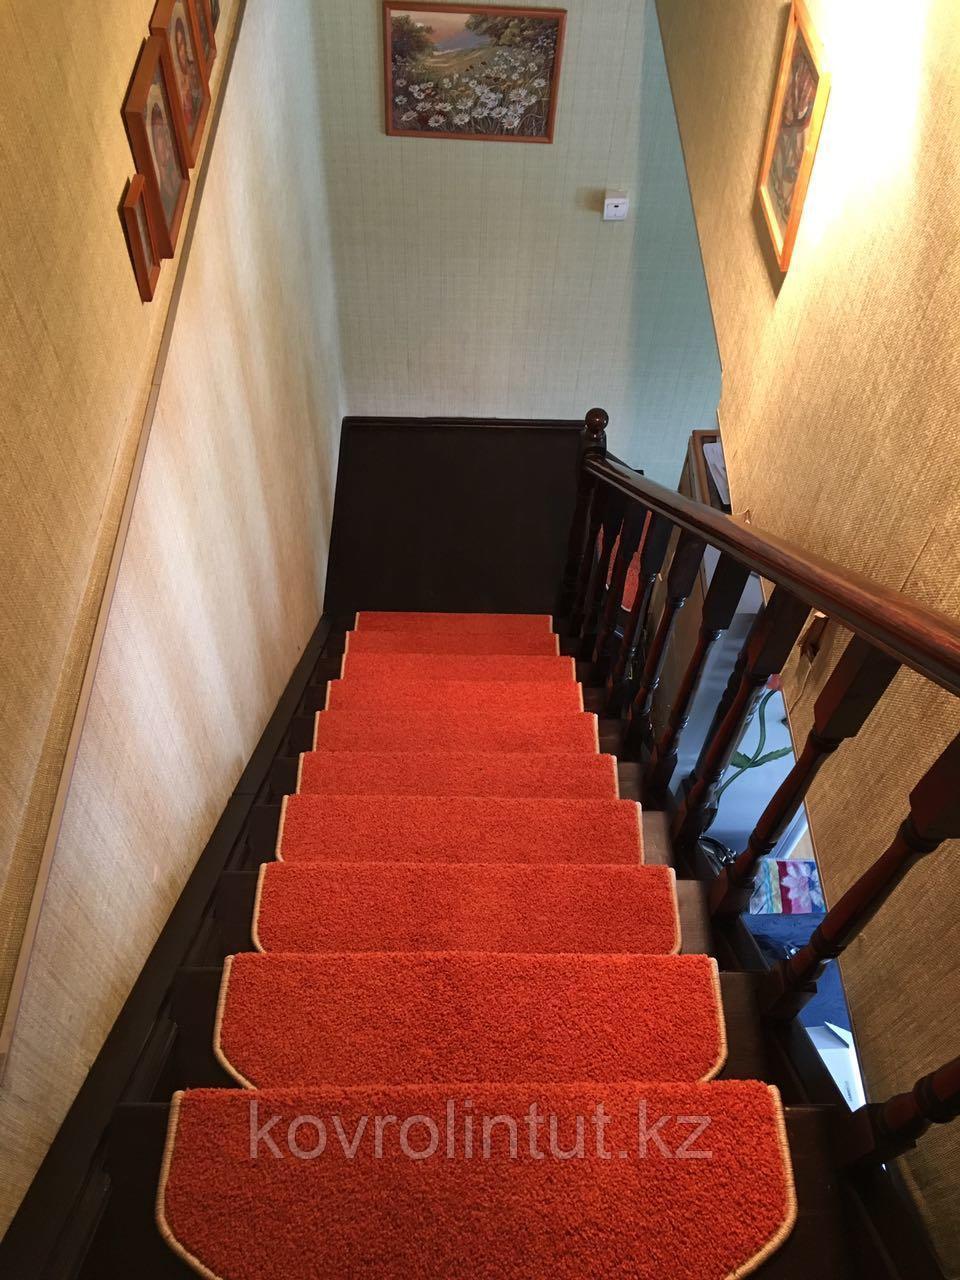 Коврики для лестниц  Ангара оранжевый 26x70  в розницу